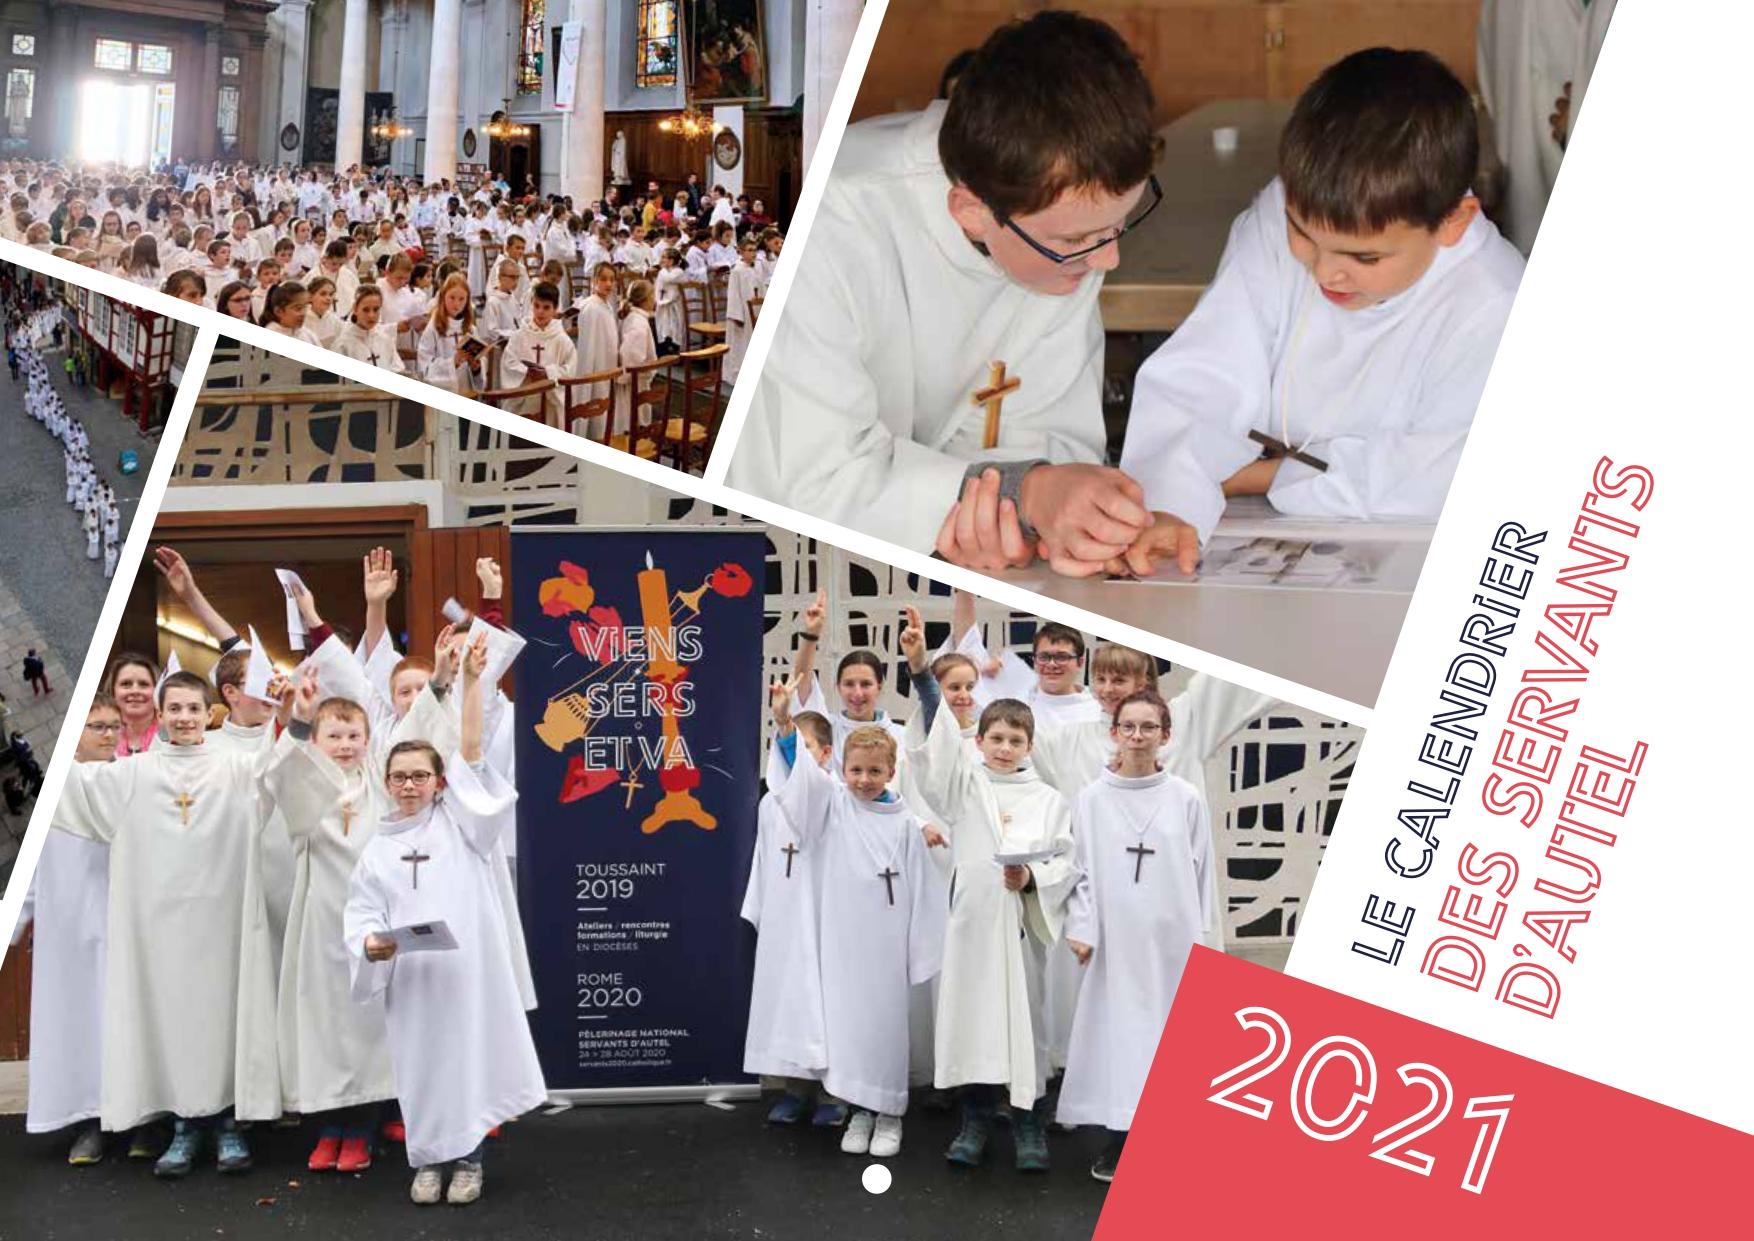 Servants d'autel : le calendrier 2021 est paru ! | Liturgie